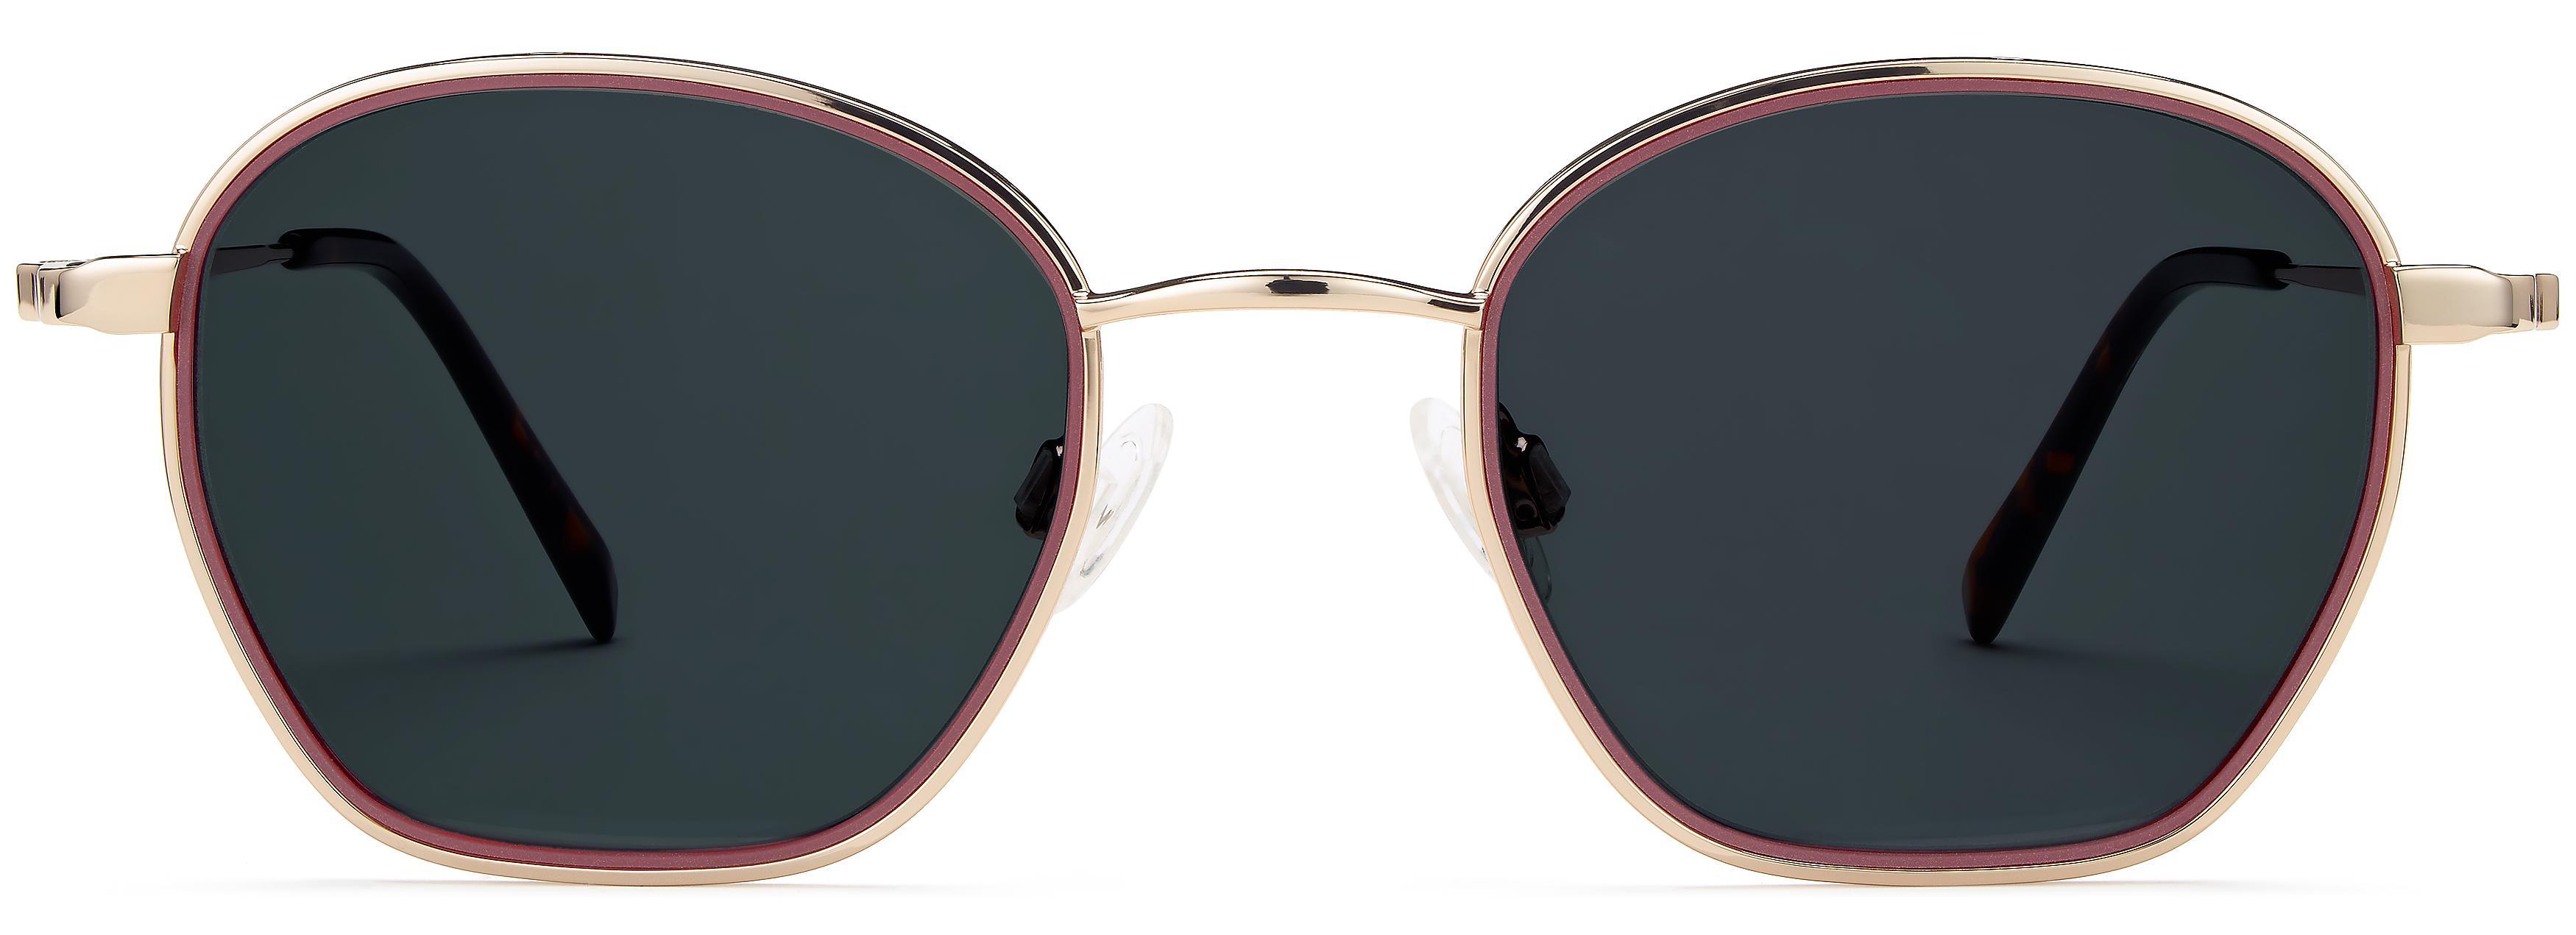 6a85045d1a53 Women's Sunglasses | Warby Parker